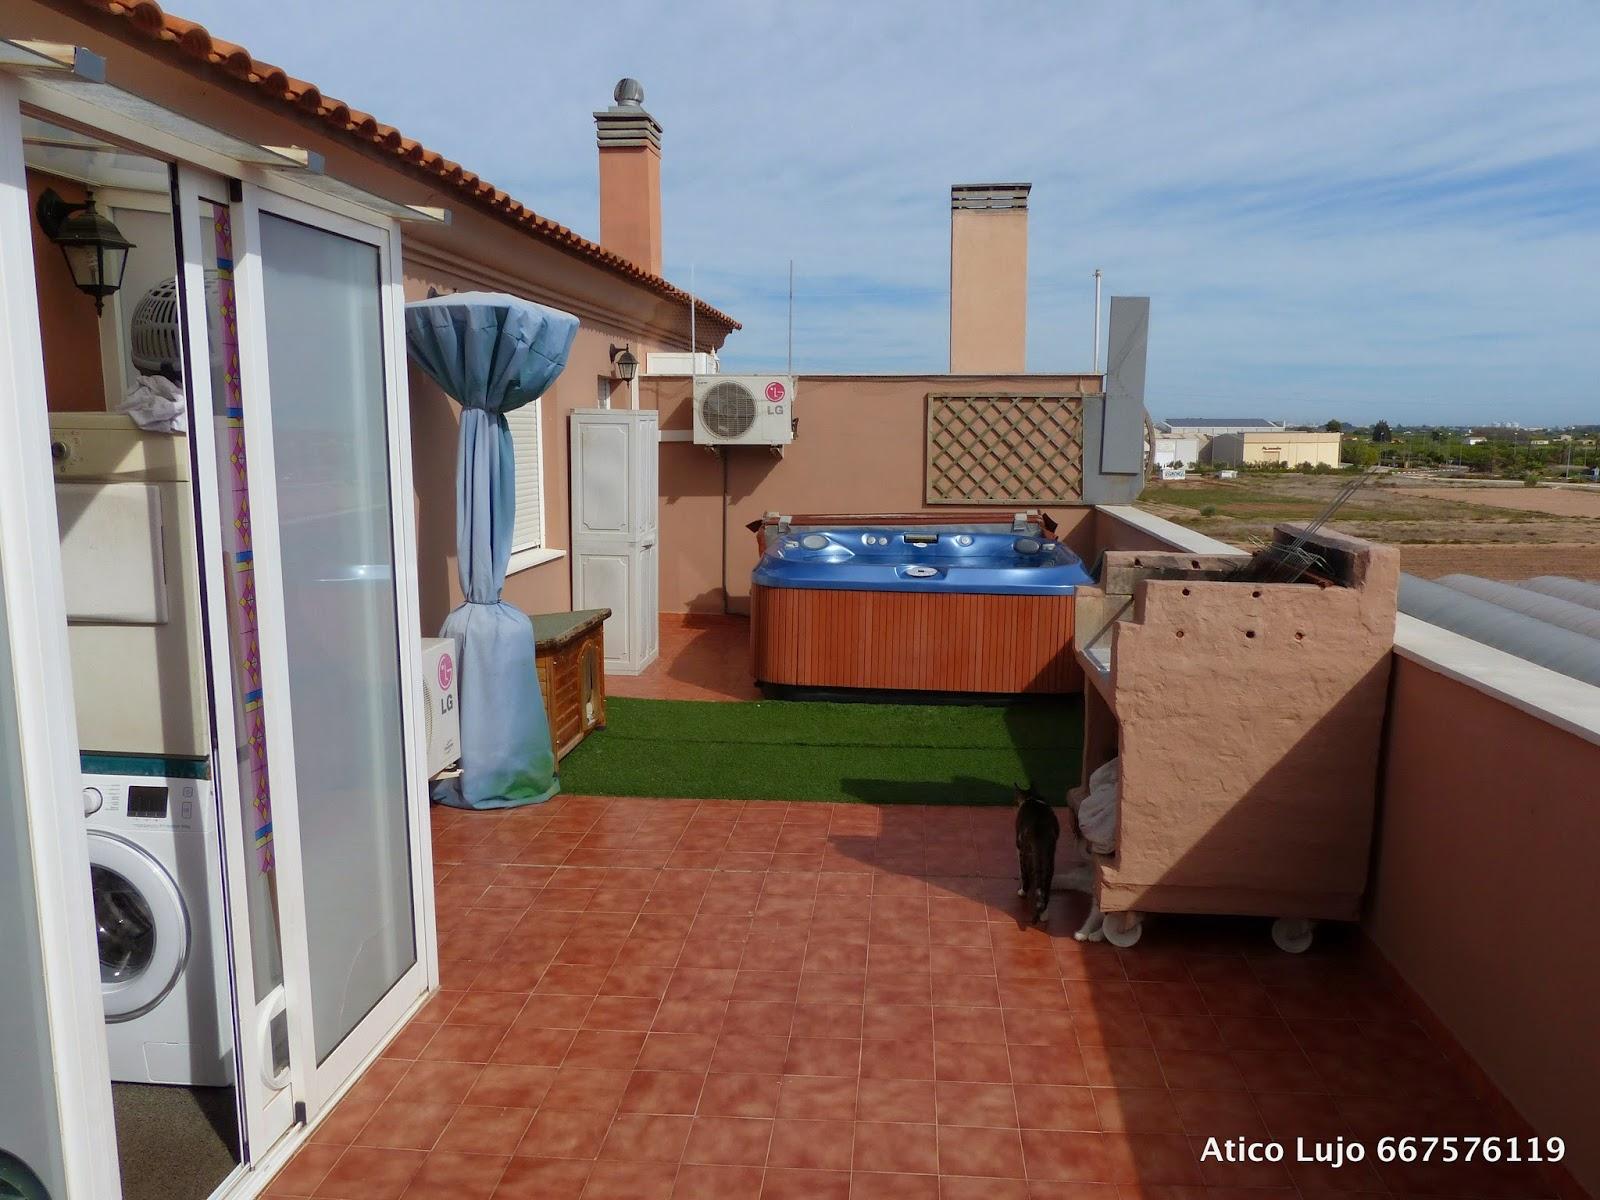 Atico de lujo con jacuzzi en terraza - Jacuzzi para terraza ...